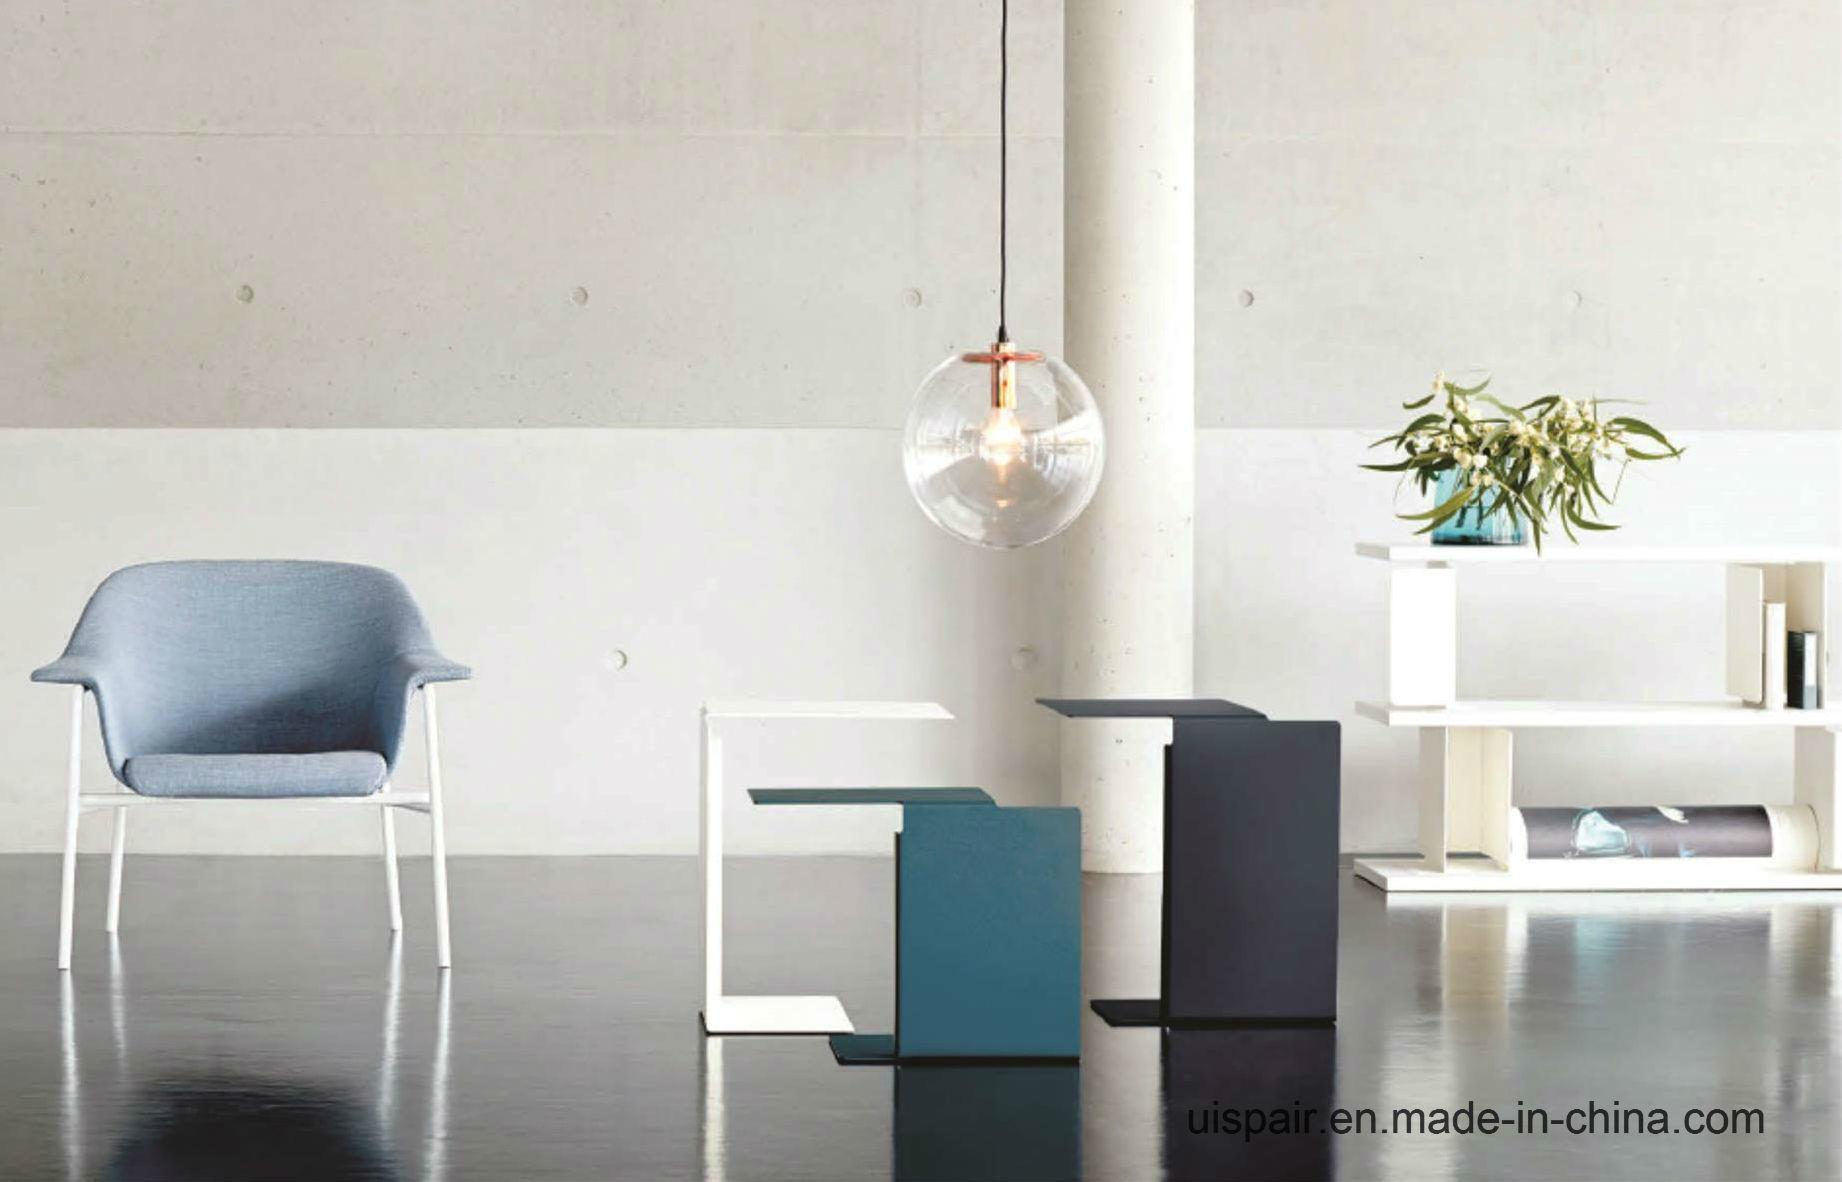 Uispair 100% Steel Modern Side-Type Office Hotel Home Living Dining Room Bedroom Coffee Table